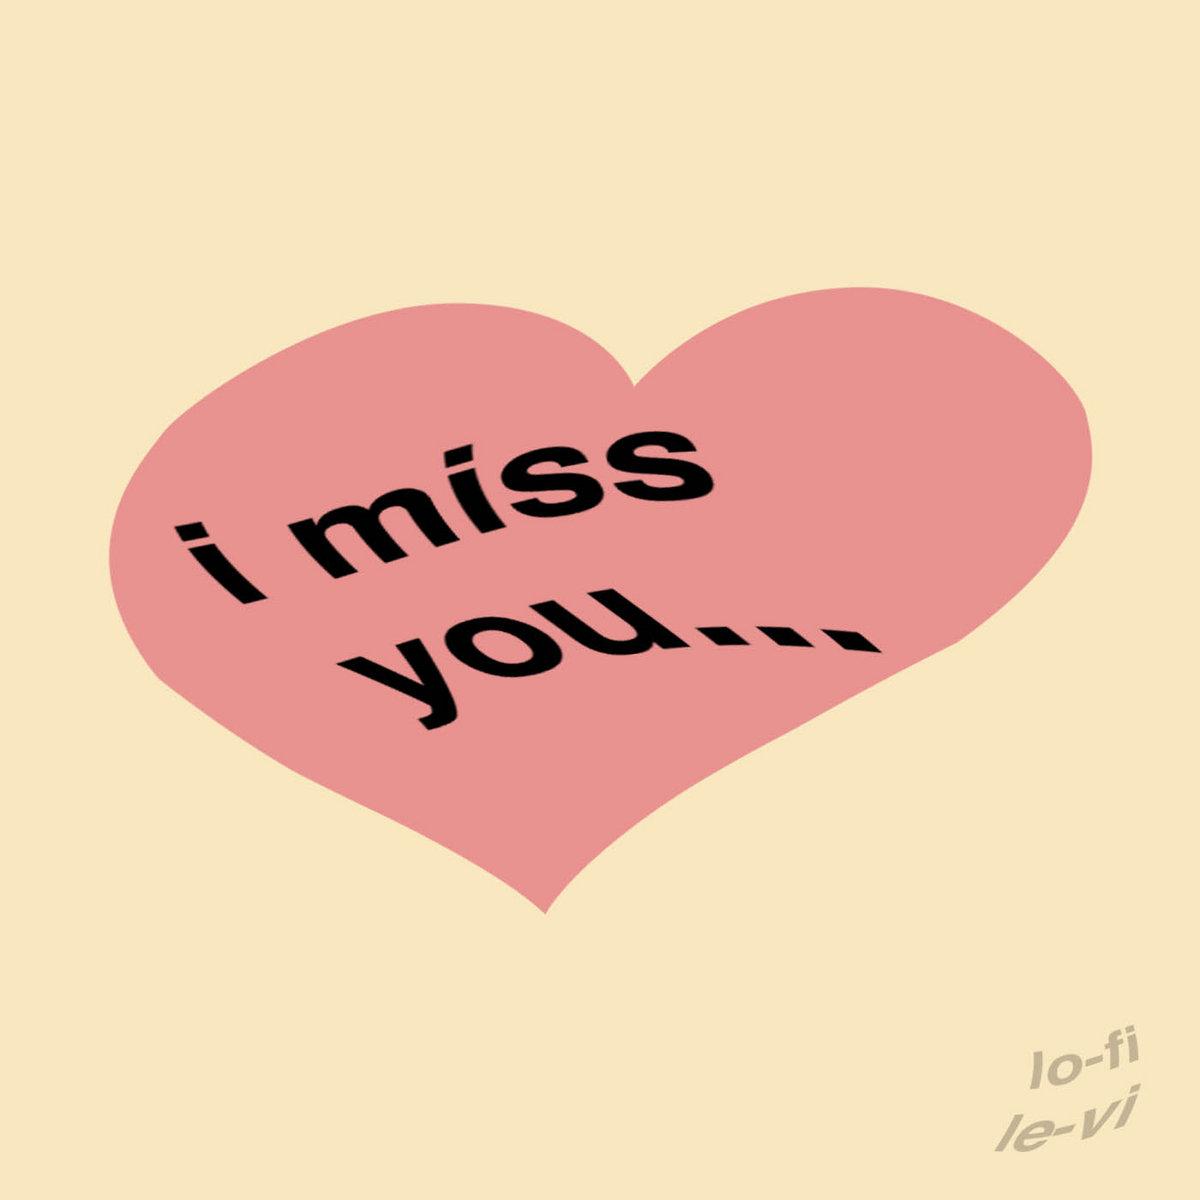 I Miss You Lo Fi Le Vi